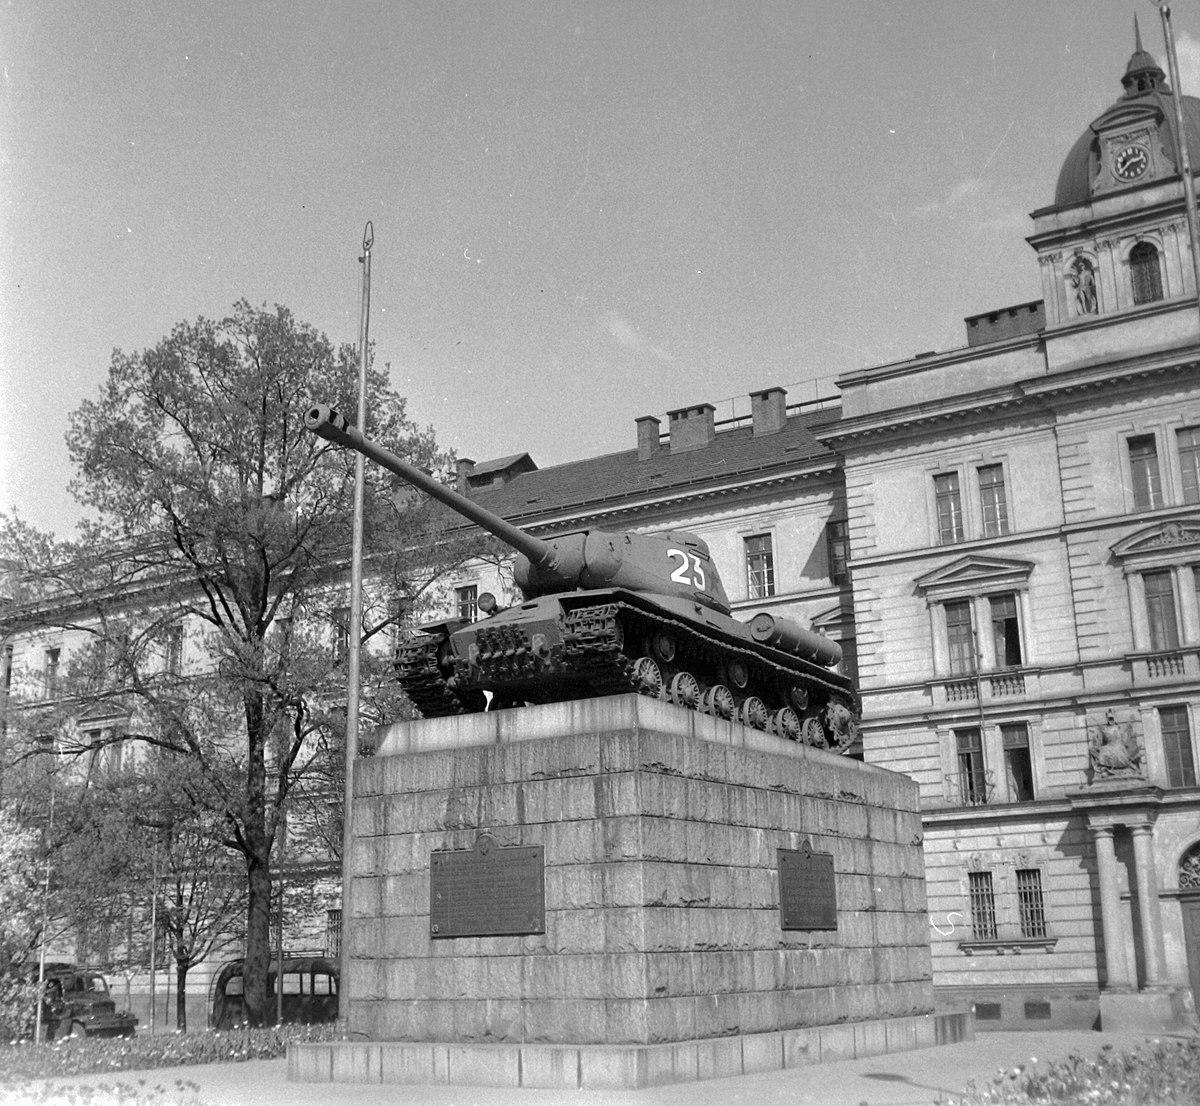 Tank  U010d U00edslo 23  U2013 Wikipedie